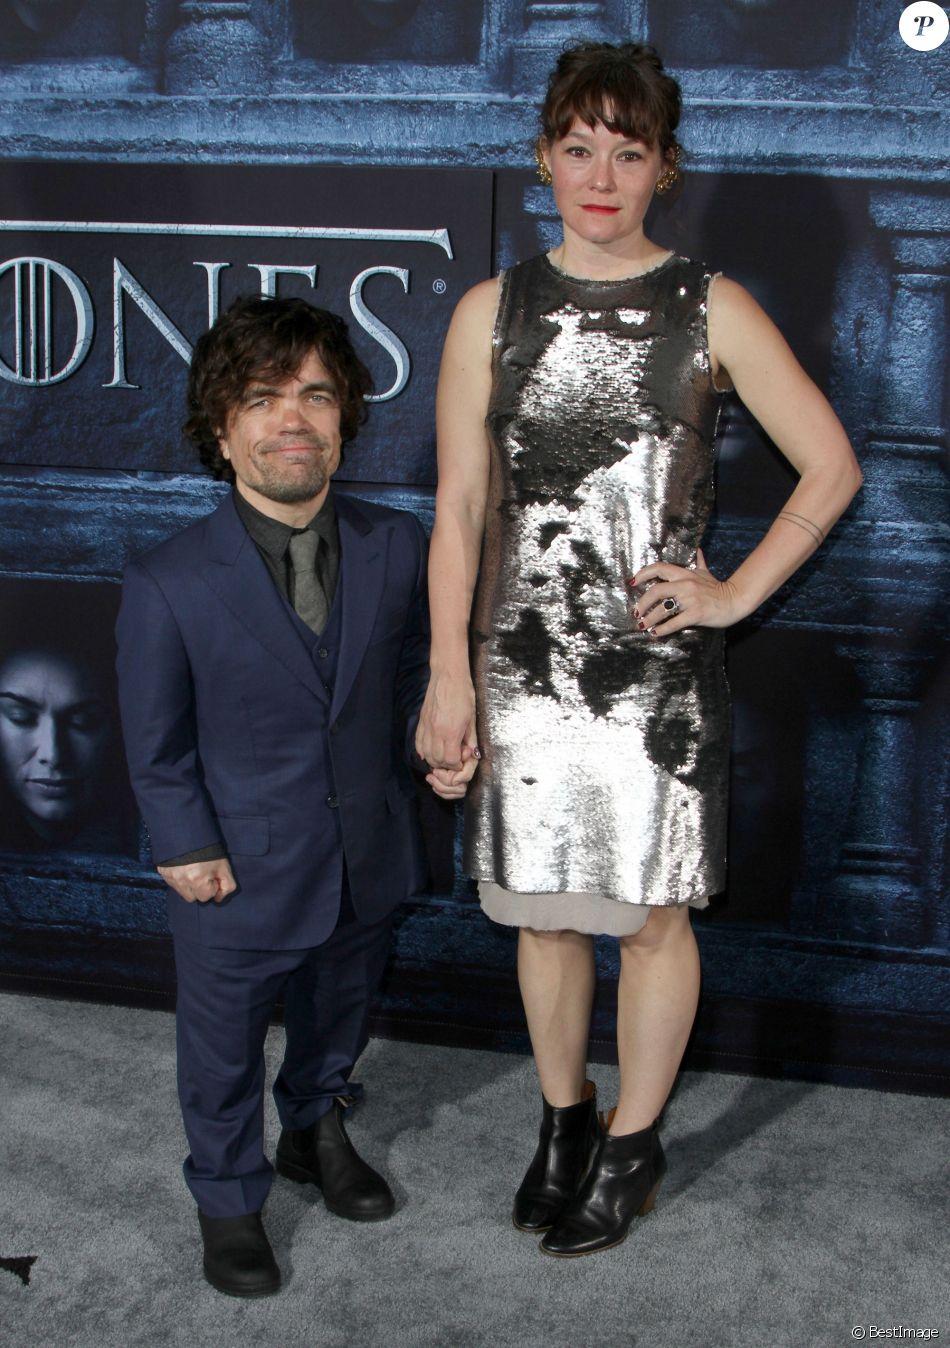 Peter Dinklage et sa femme Erica Schmidt lors de la première de la saison 6 de Game Of Thrones à Hollywood le 10 Avril 2016.